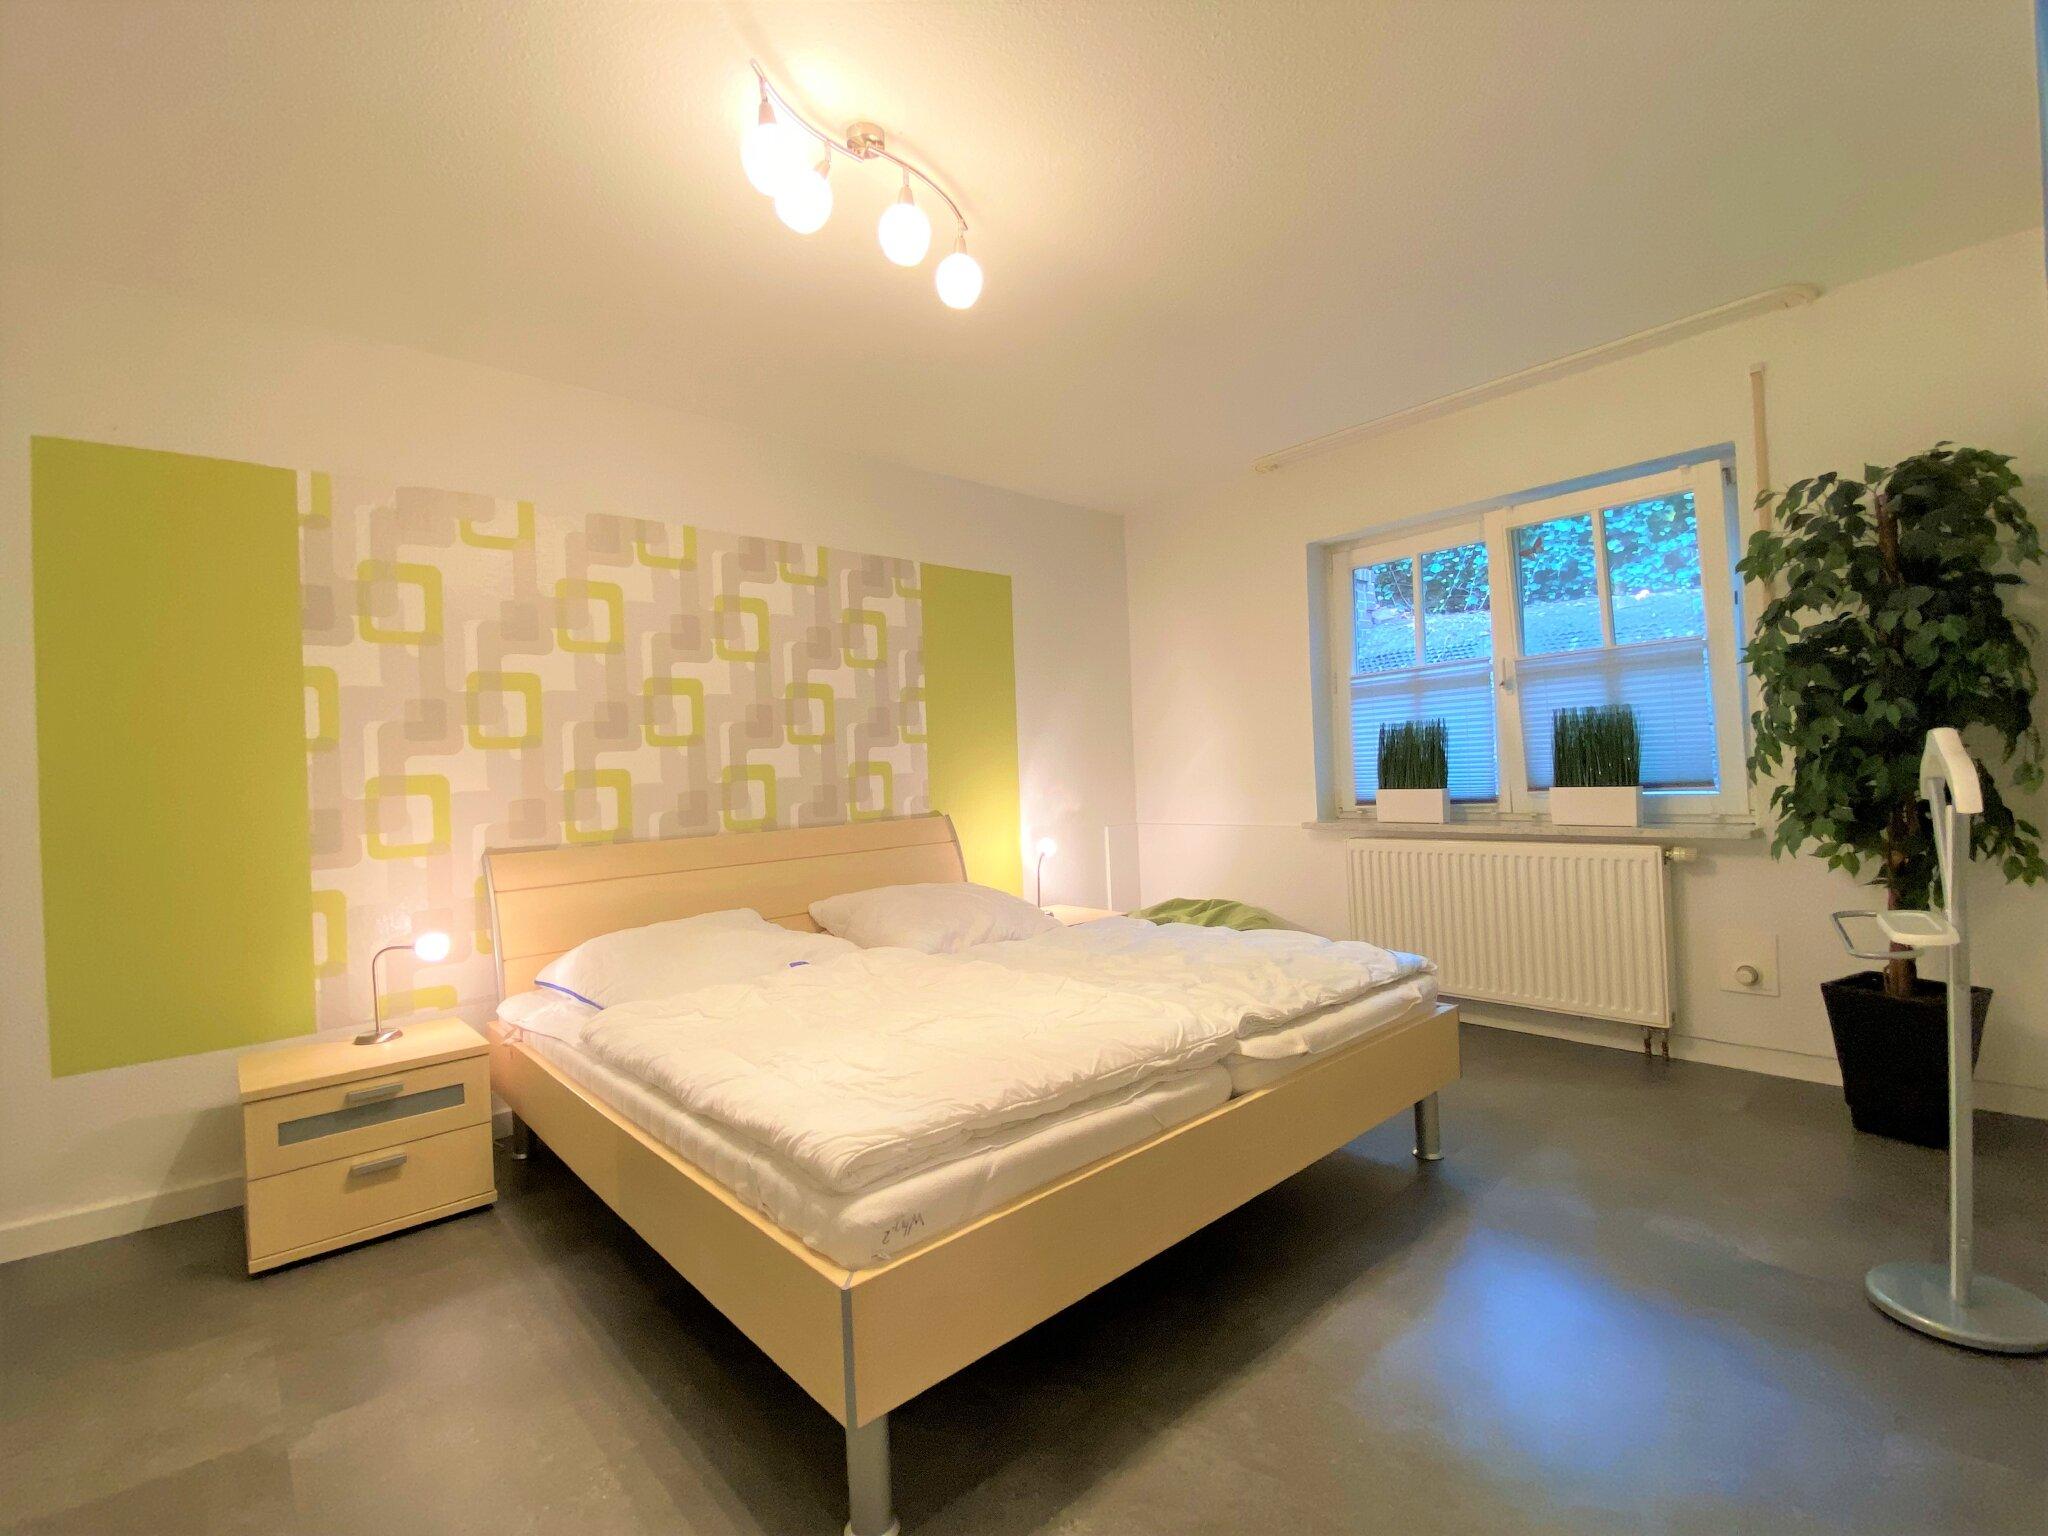 Elternschlafzimmer für angenehme Träume